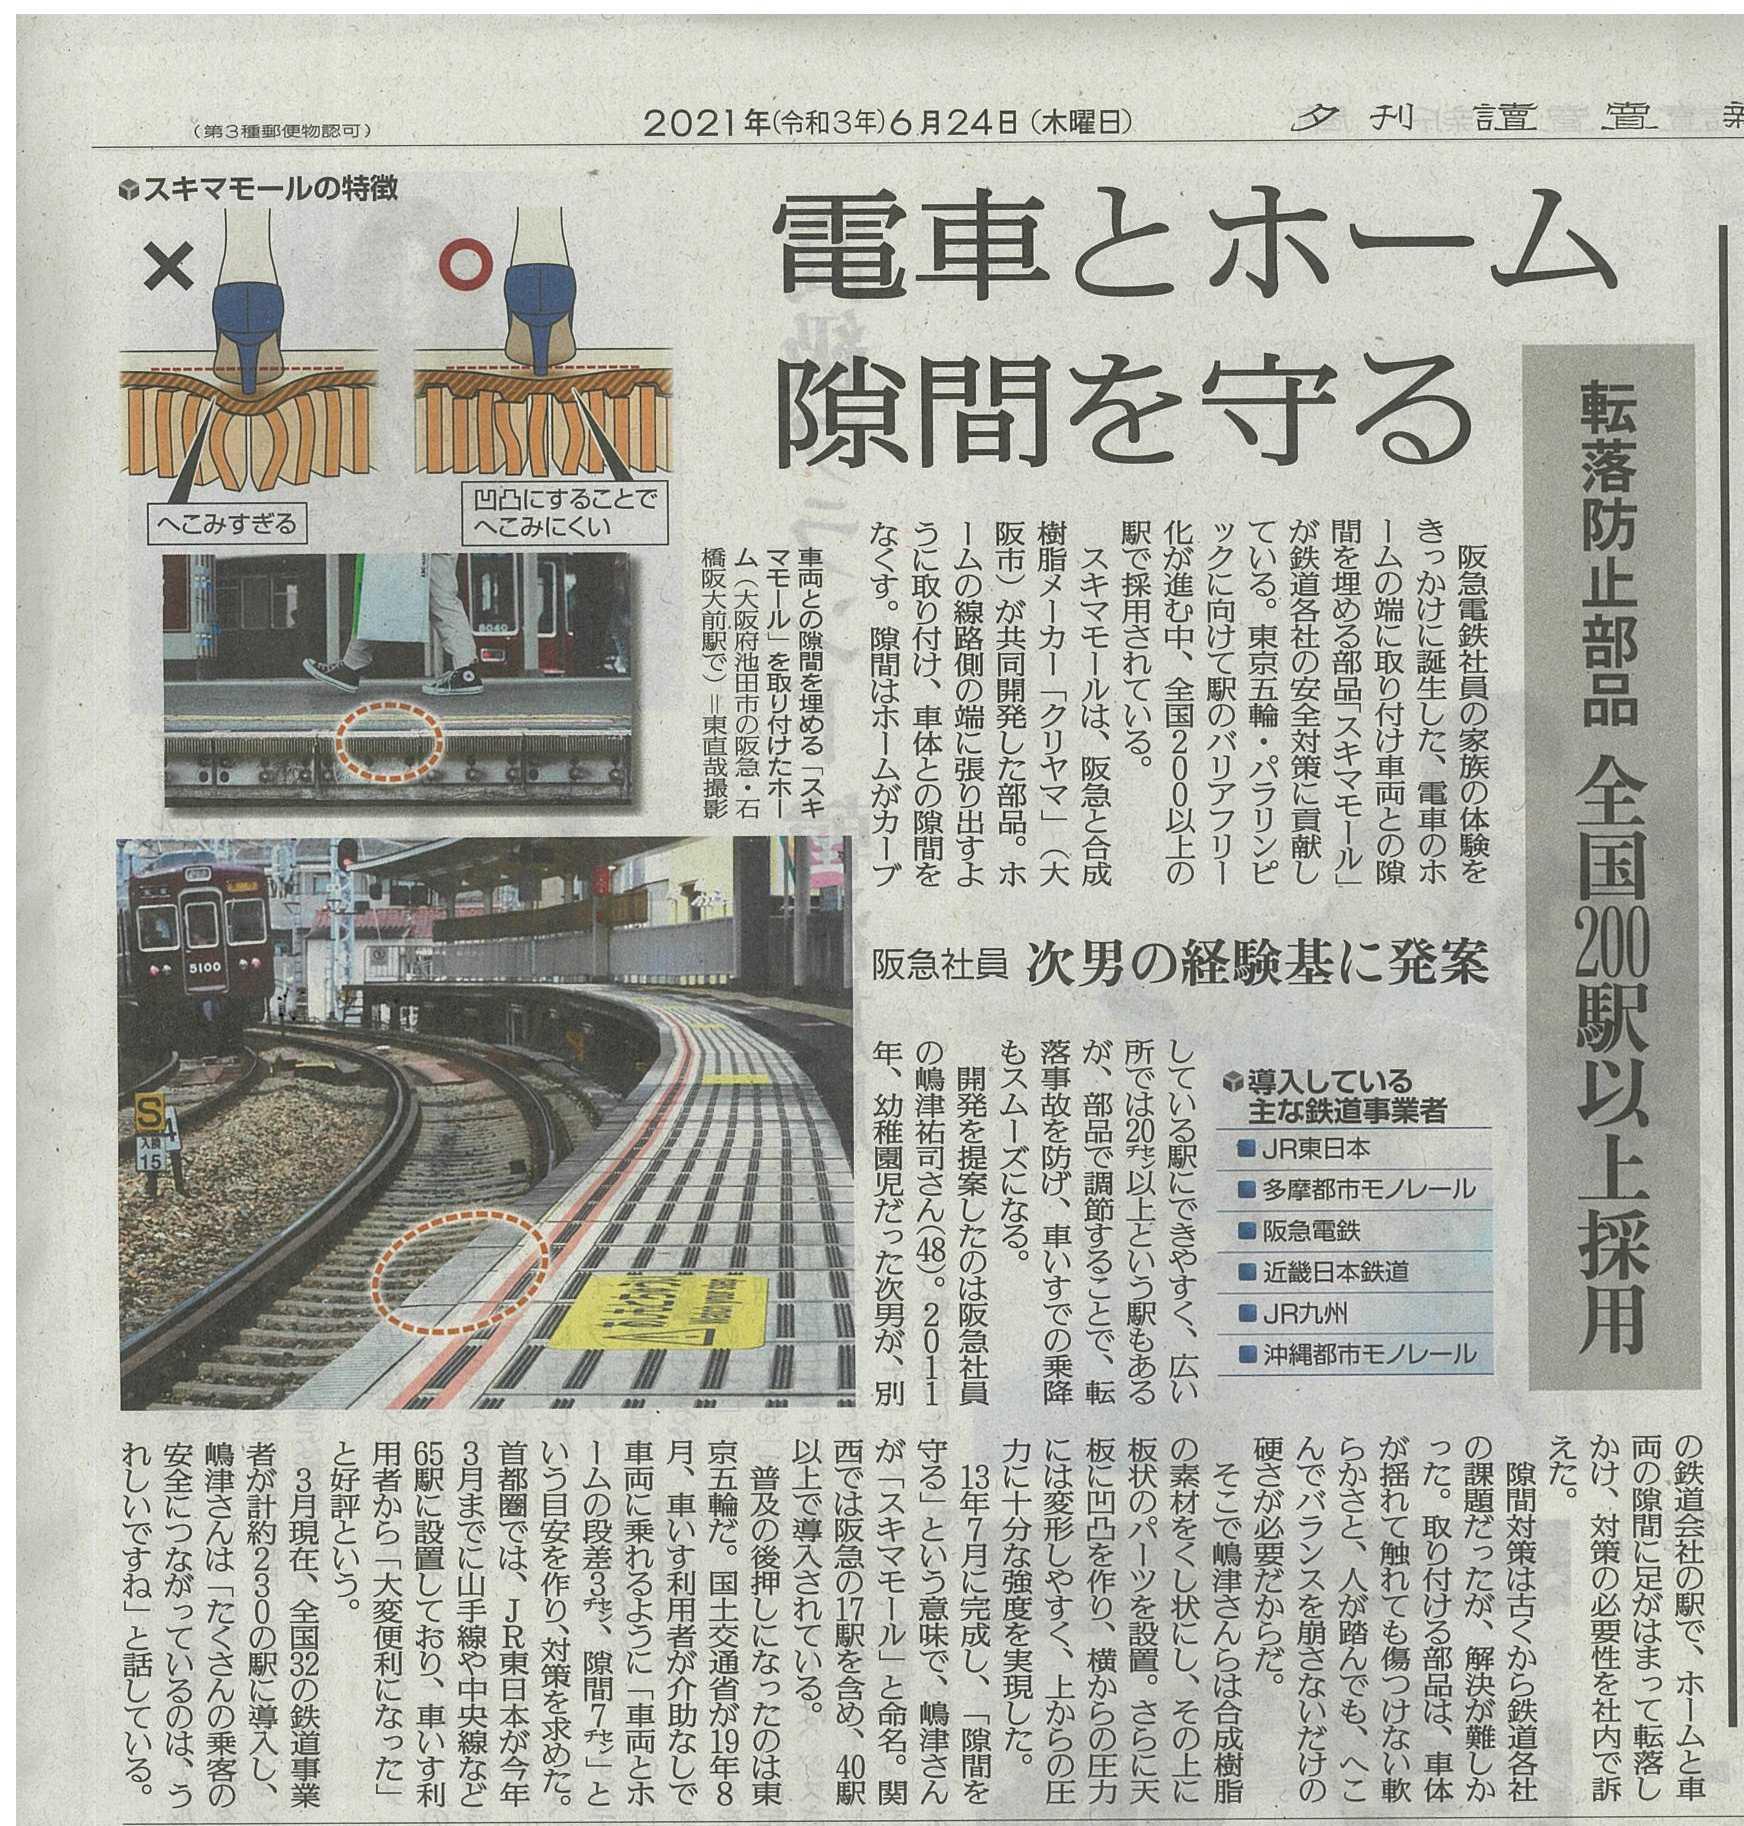 2021.6.24yomiuri.jpg